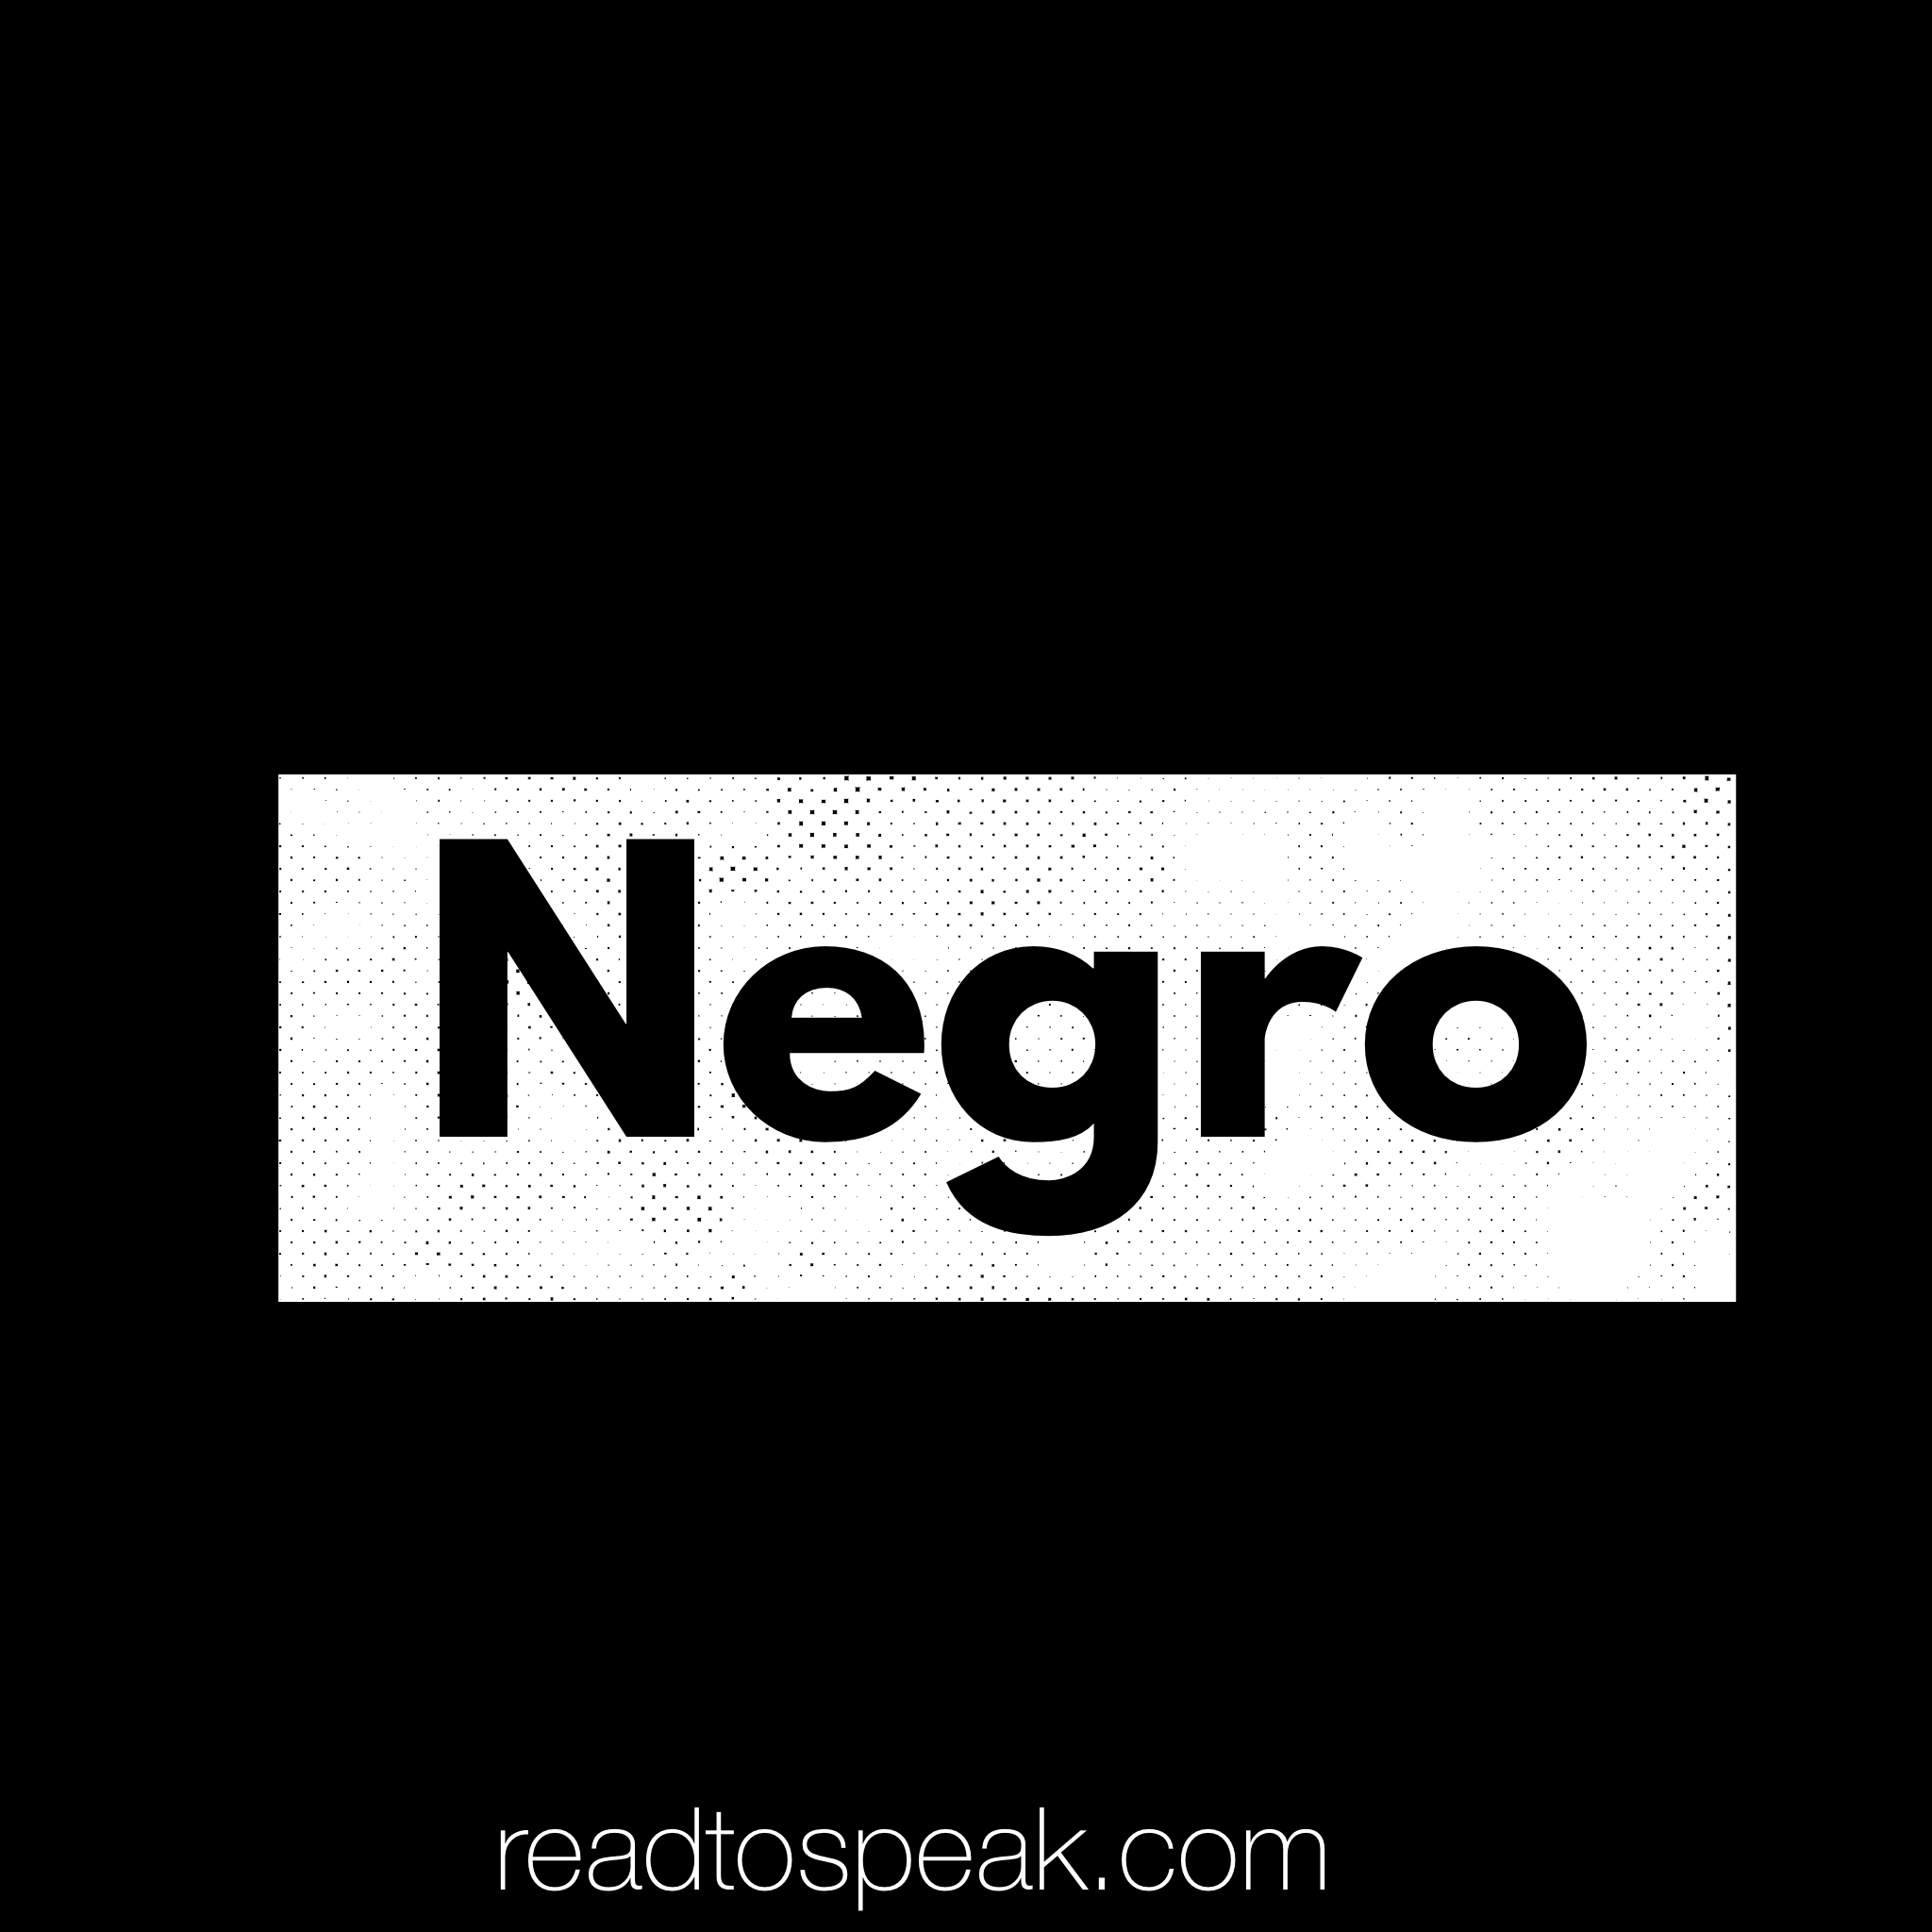 negro.PNG